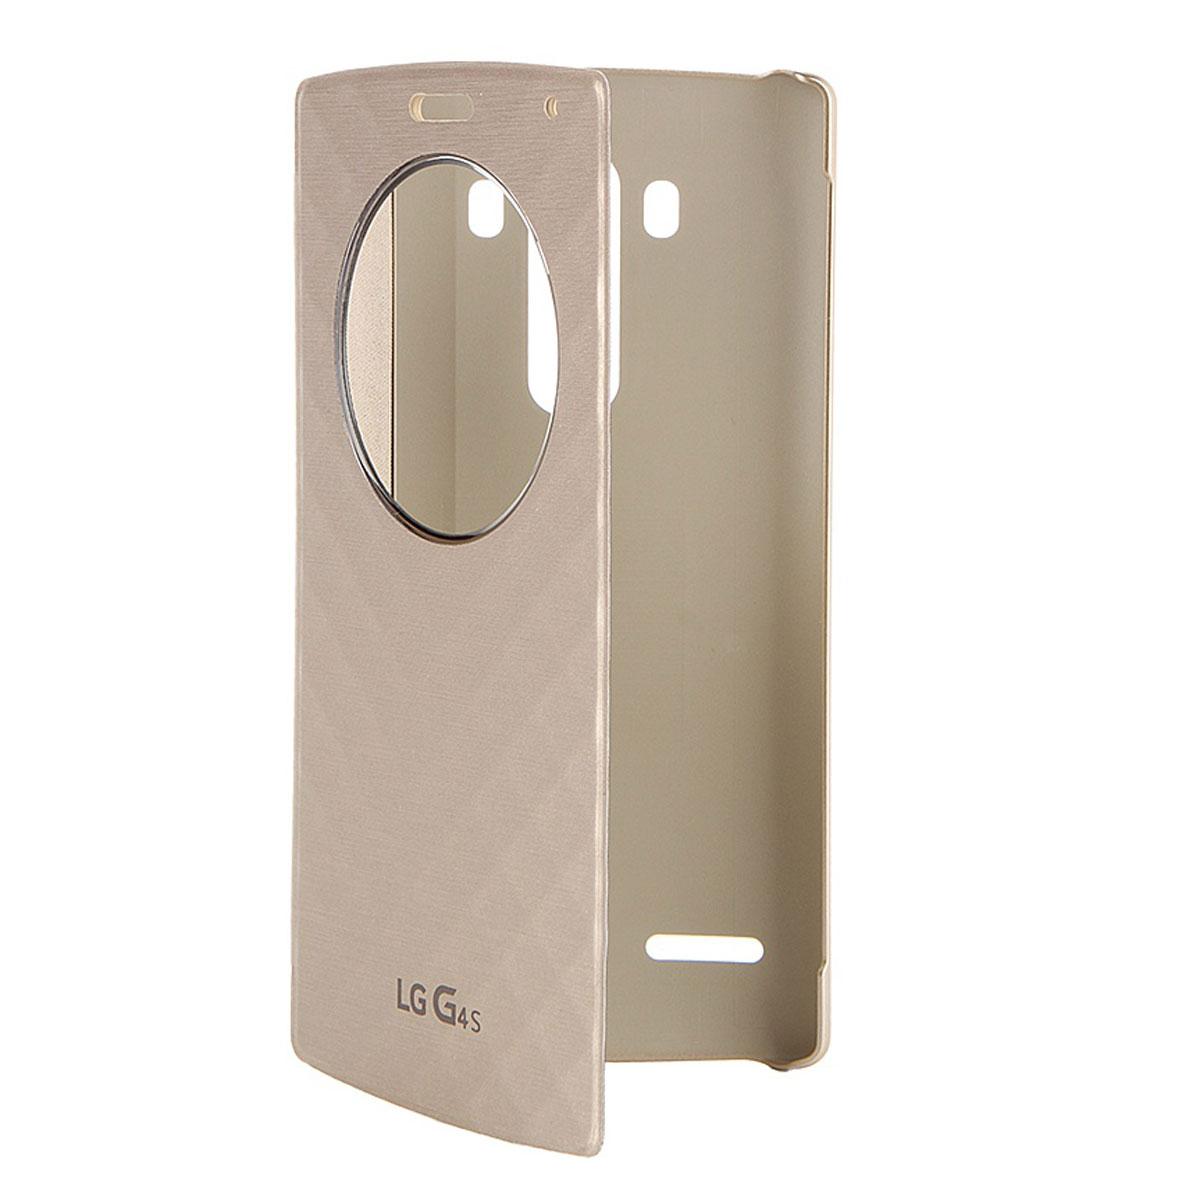 LG QuickCircle чехол для G4 S H736, GoldCFV-110.AGRAGDНаличие умного чехла QuickCircle для LG G4 S H736 обеспечивает мгновенный доступ к часам, погоде, музыке, позволяет принять или отклонить вызов и даже вести съёмку на камеру, не открывая чехла! А главное QuickCircle станет модным аксессуаром, выгодно подчеркивающим индивидуальность и стиль его владельца!